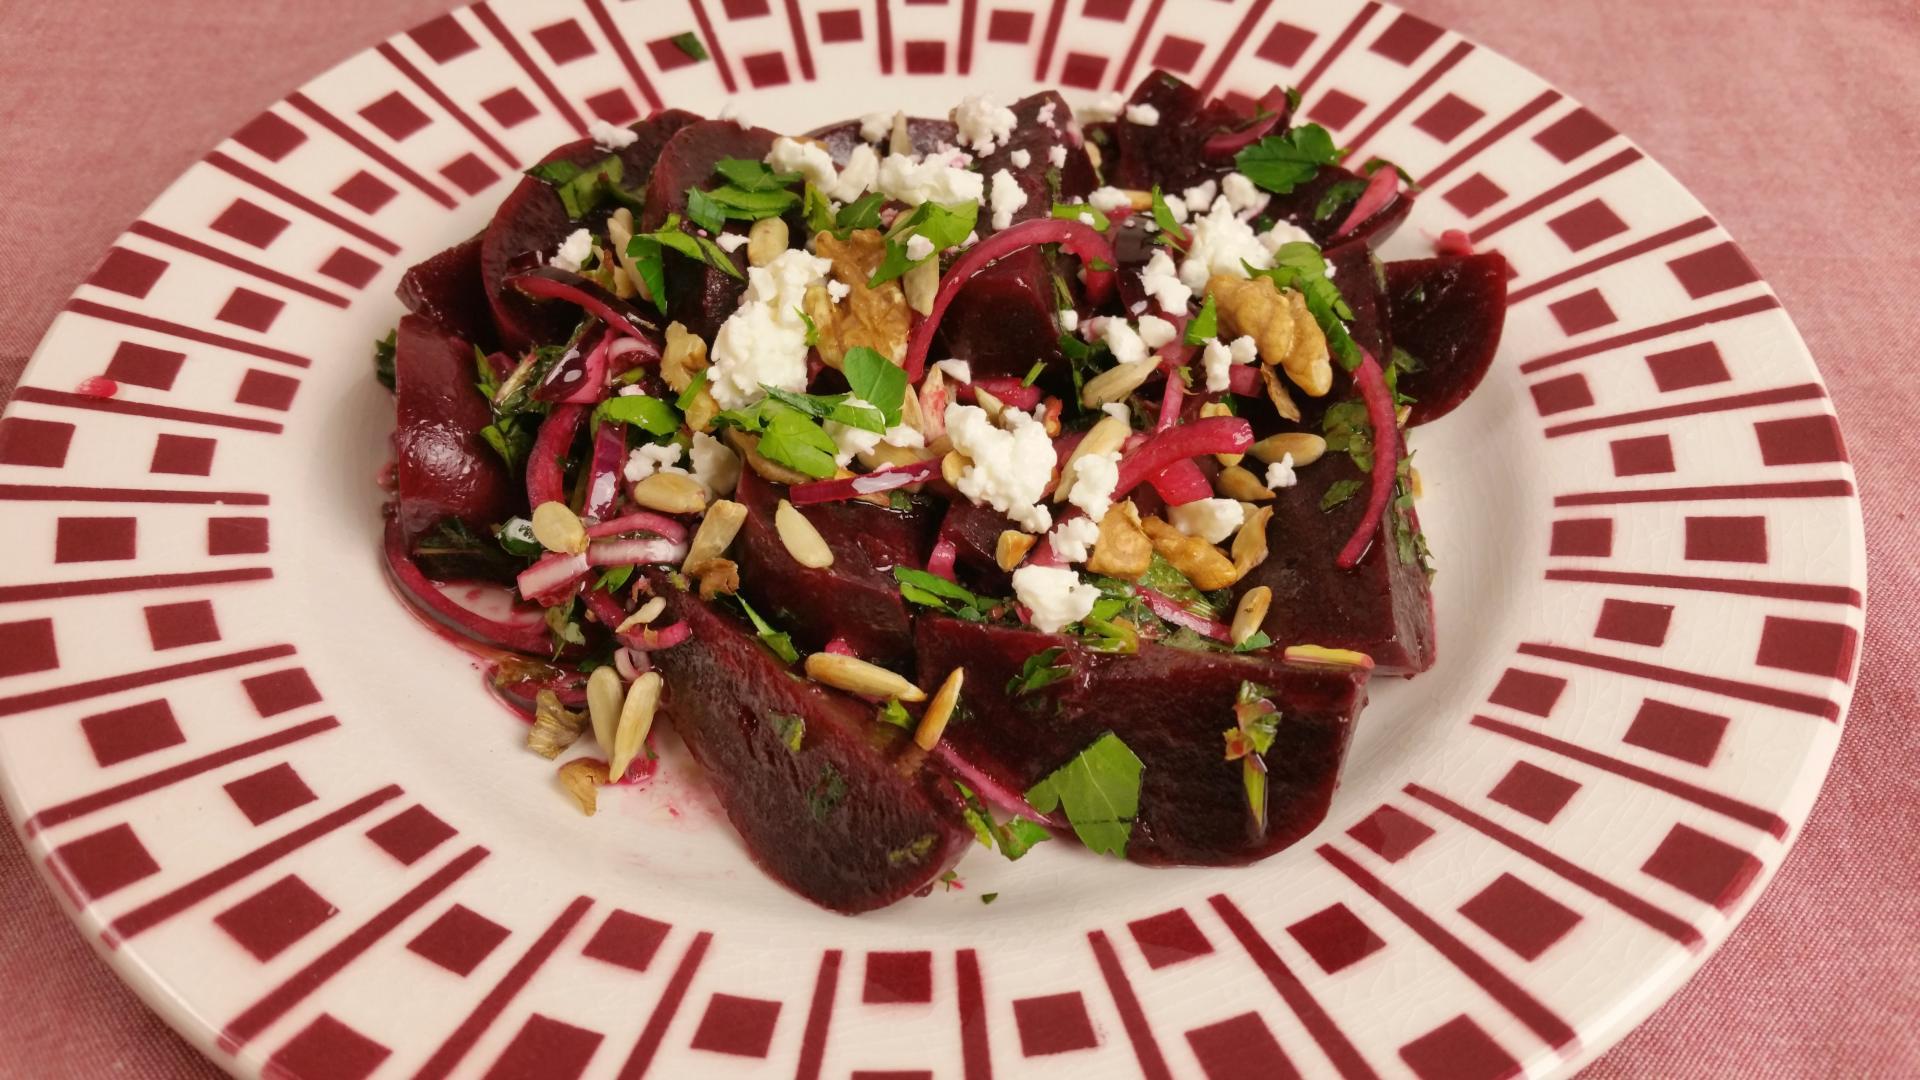 Uitgelichte foto voor het bericht Salade van bietjes, feta, kruiden en walnoot